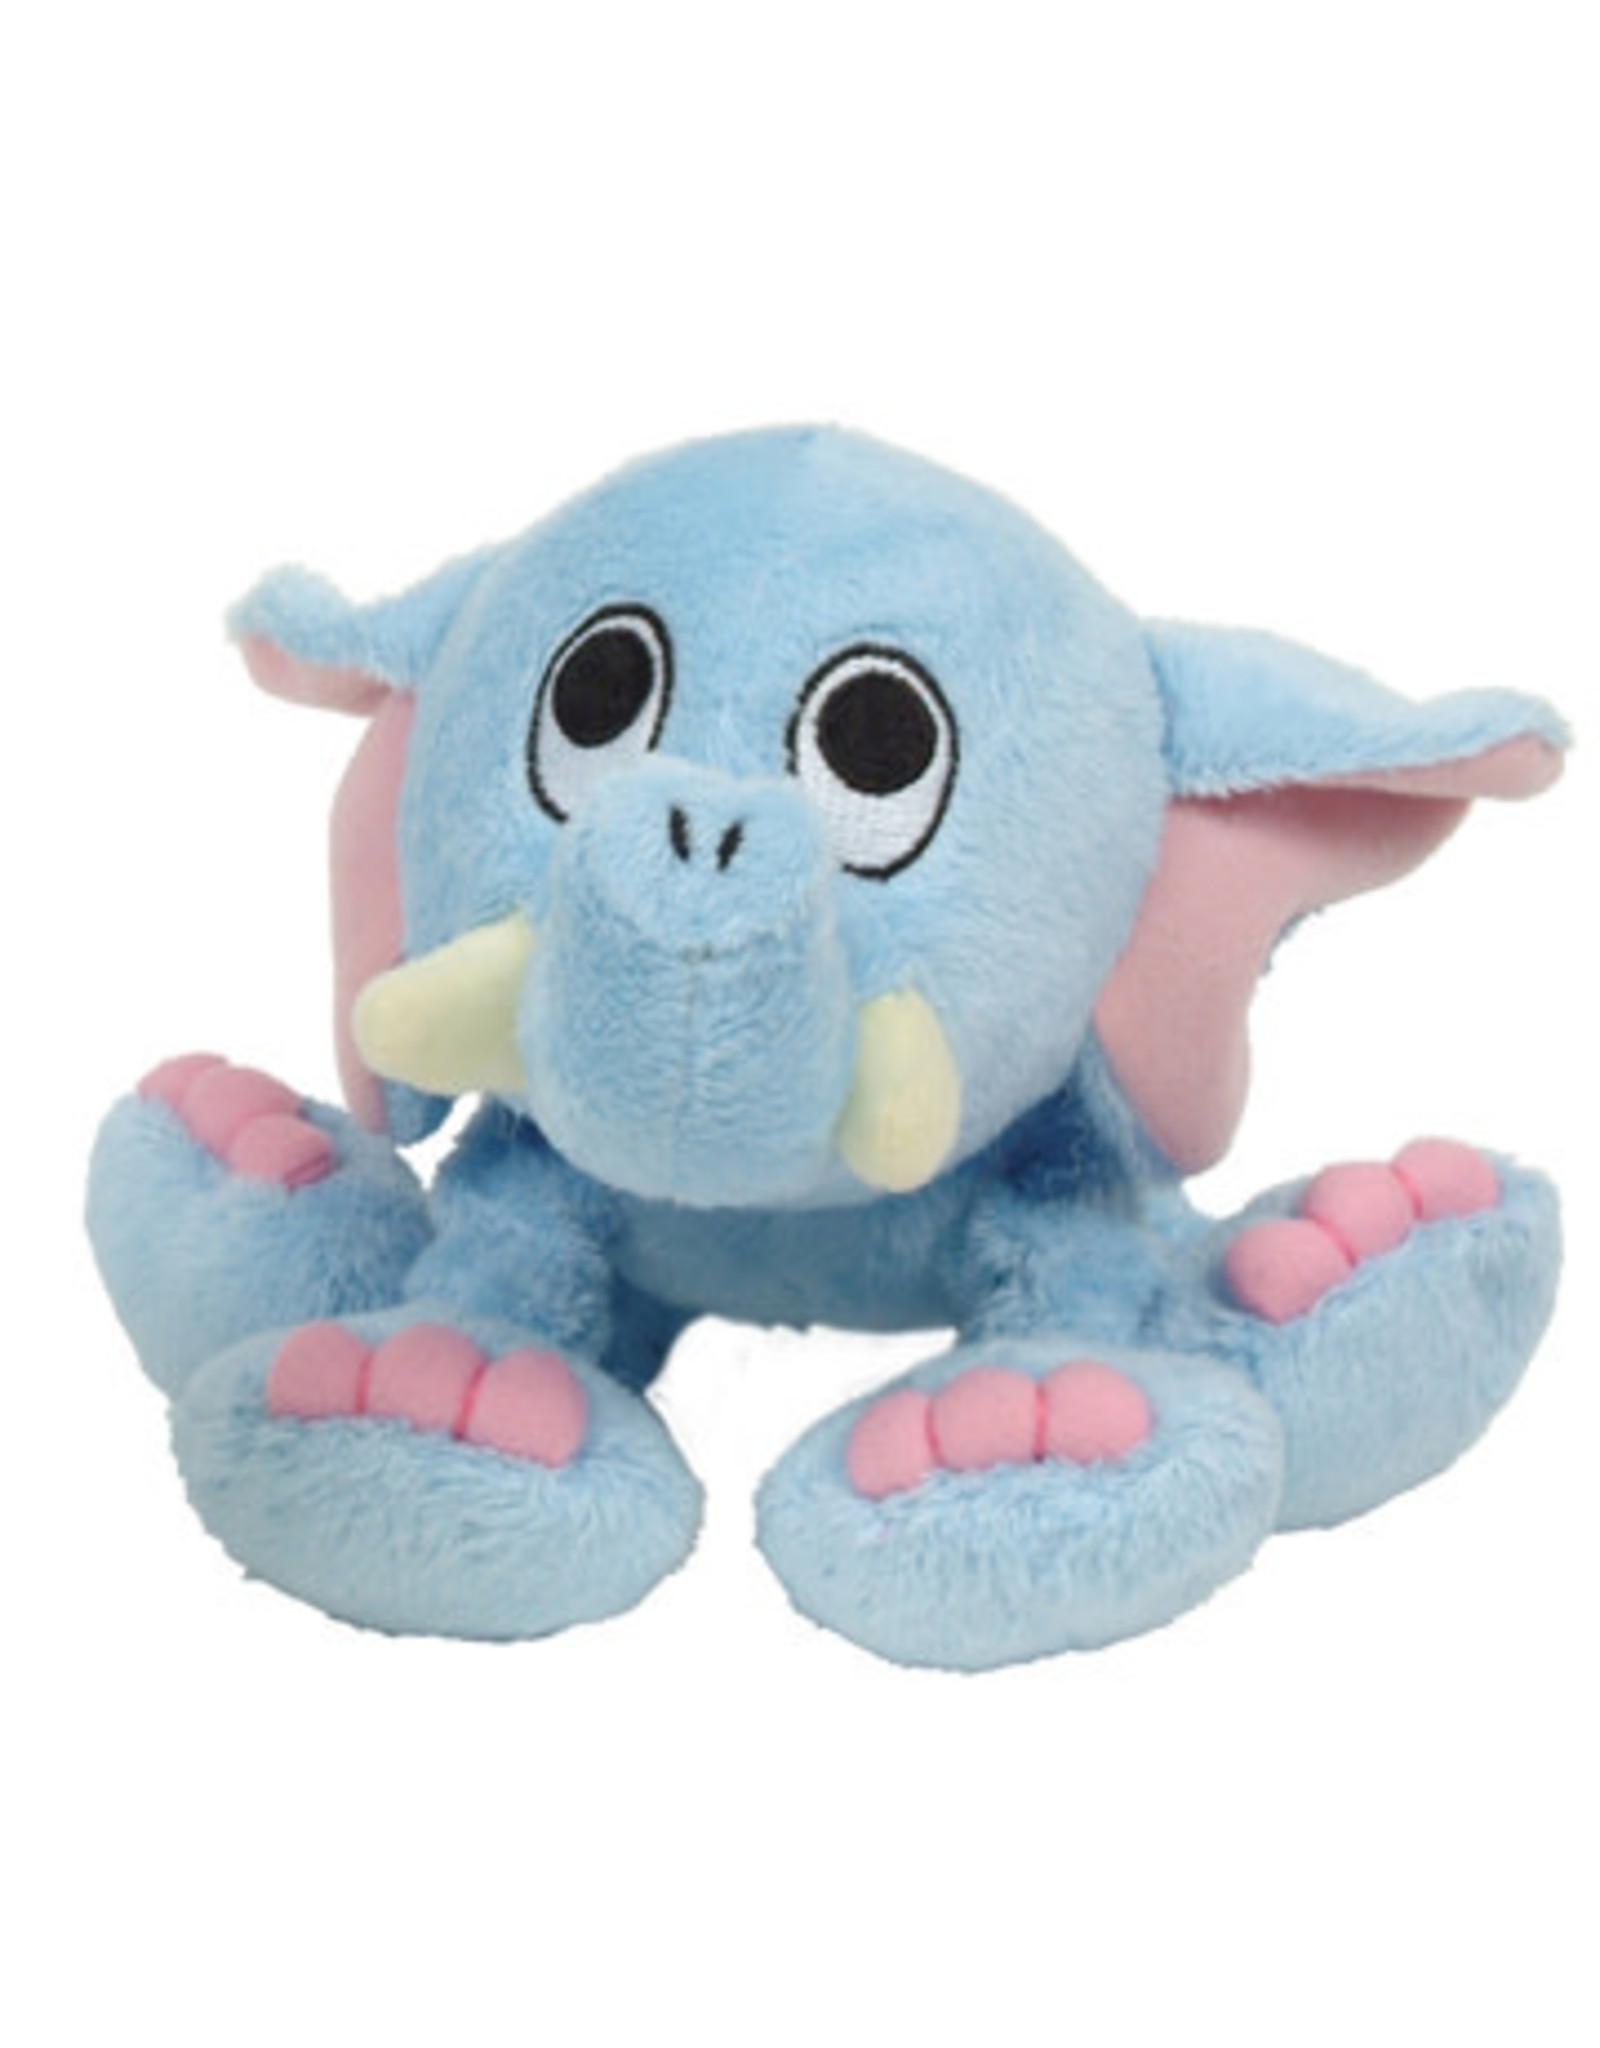 DogIt Blue Elephant Plush Dog Toy with Squeaker